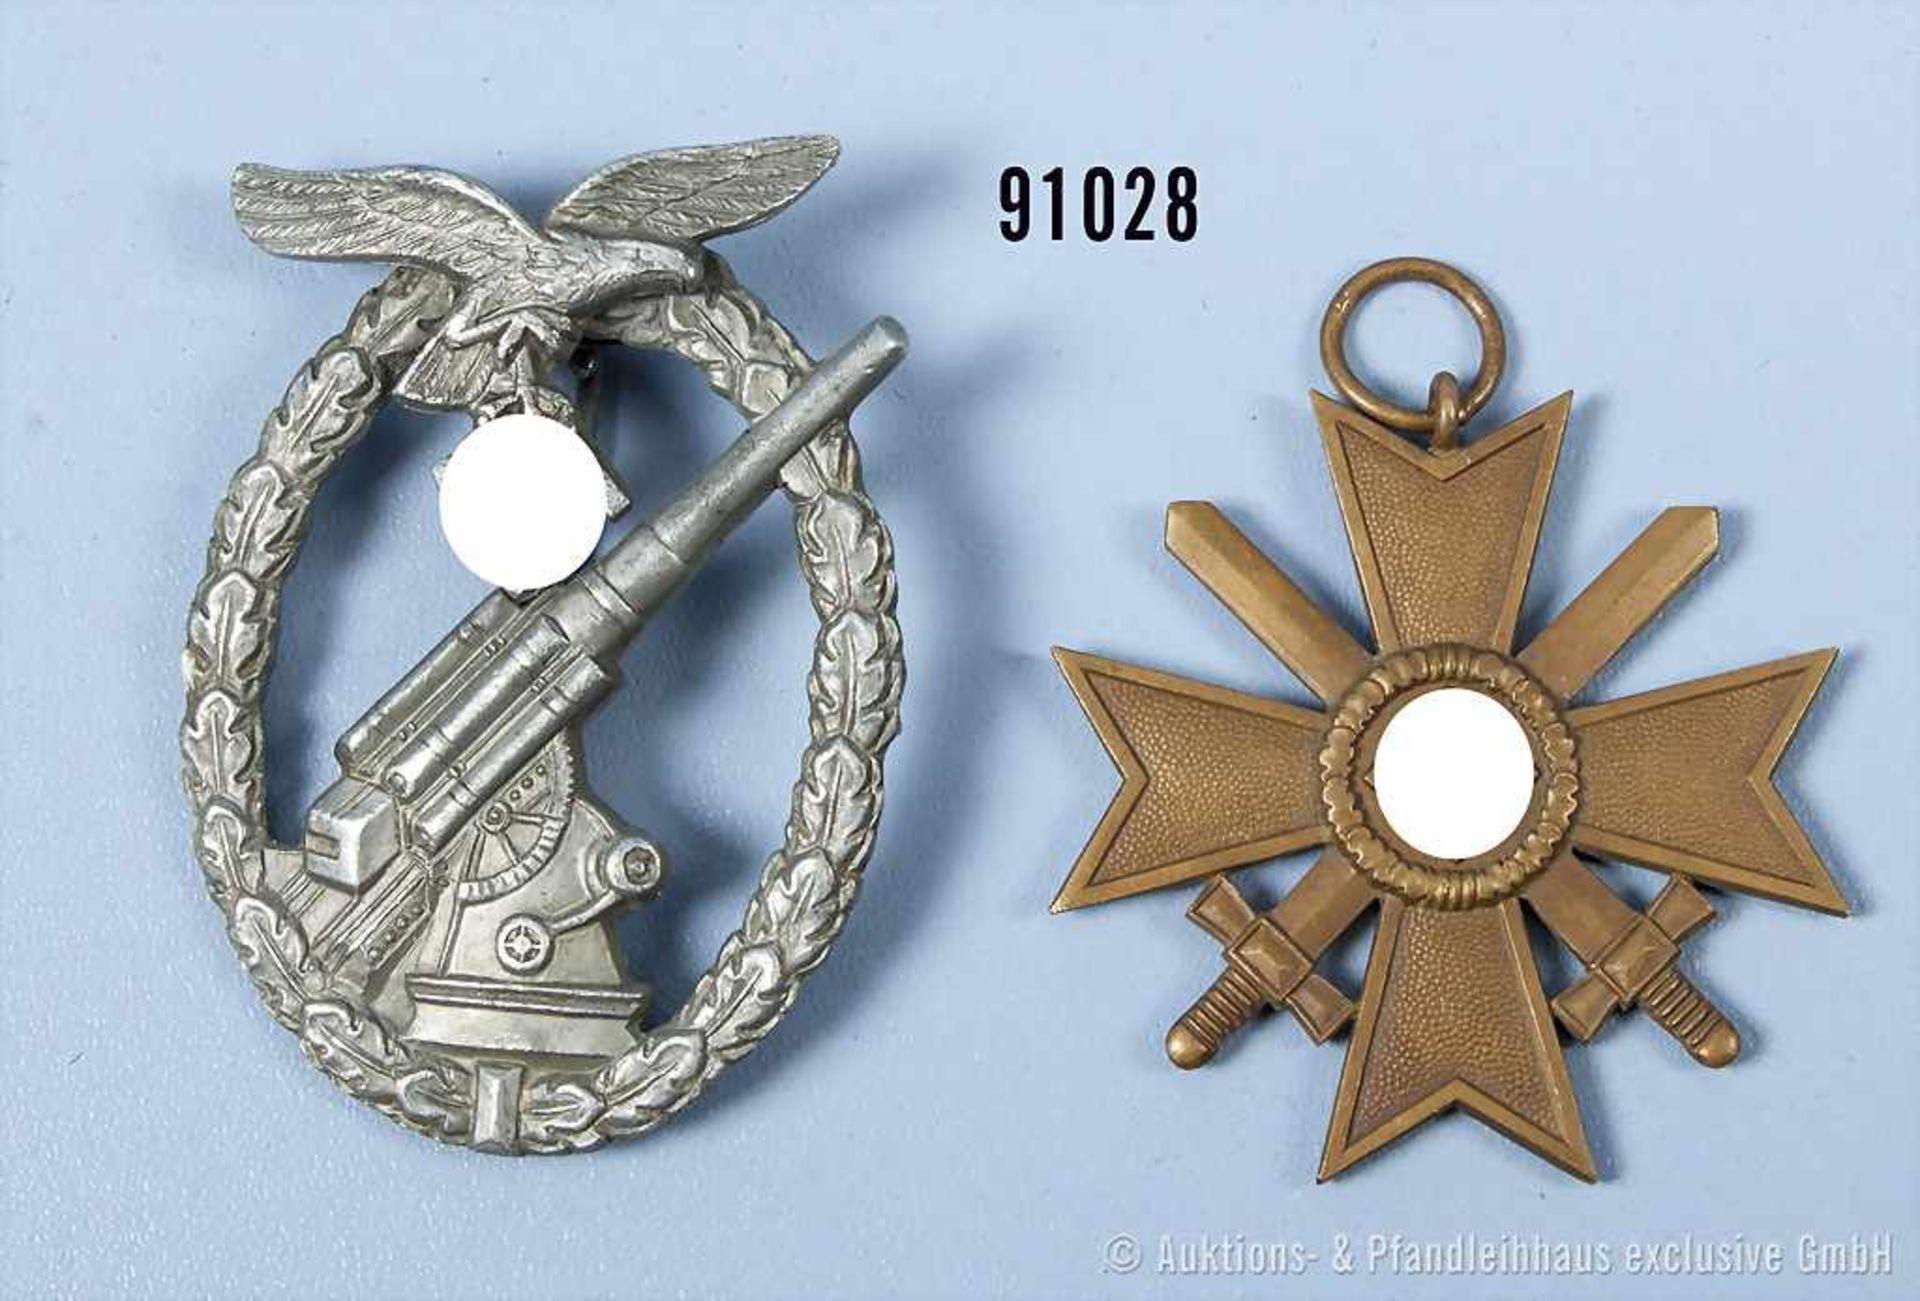 Konv. Flakkampfabzeichen der Luftwaffe, Zinkausf., Nadelhaken fehlt und KVK 2. Klasse mit